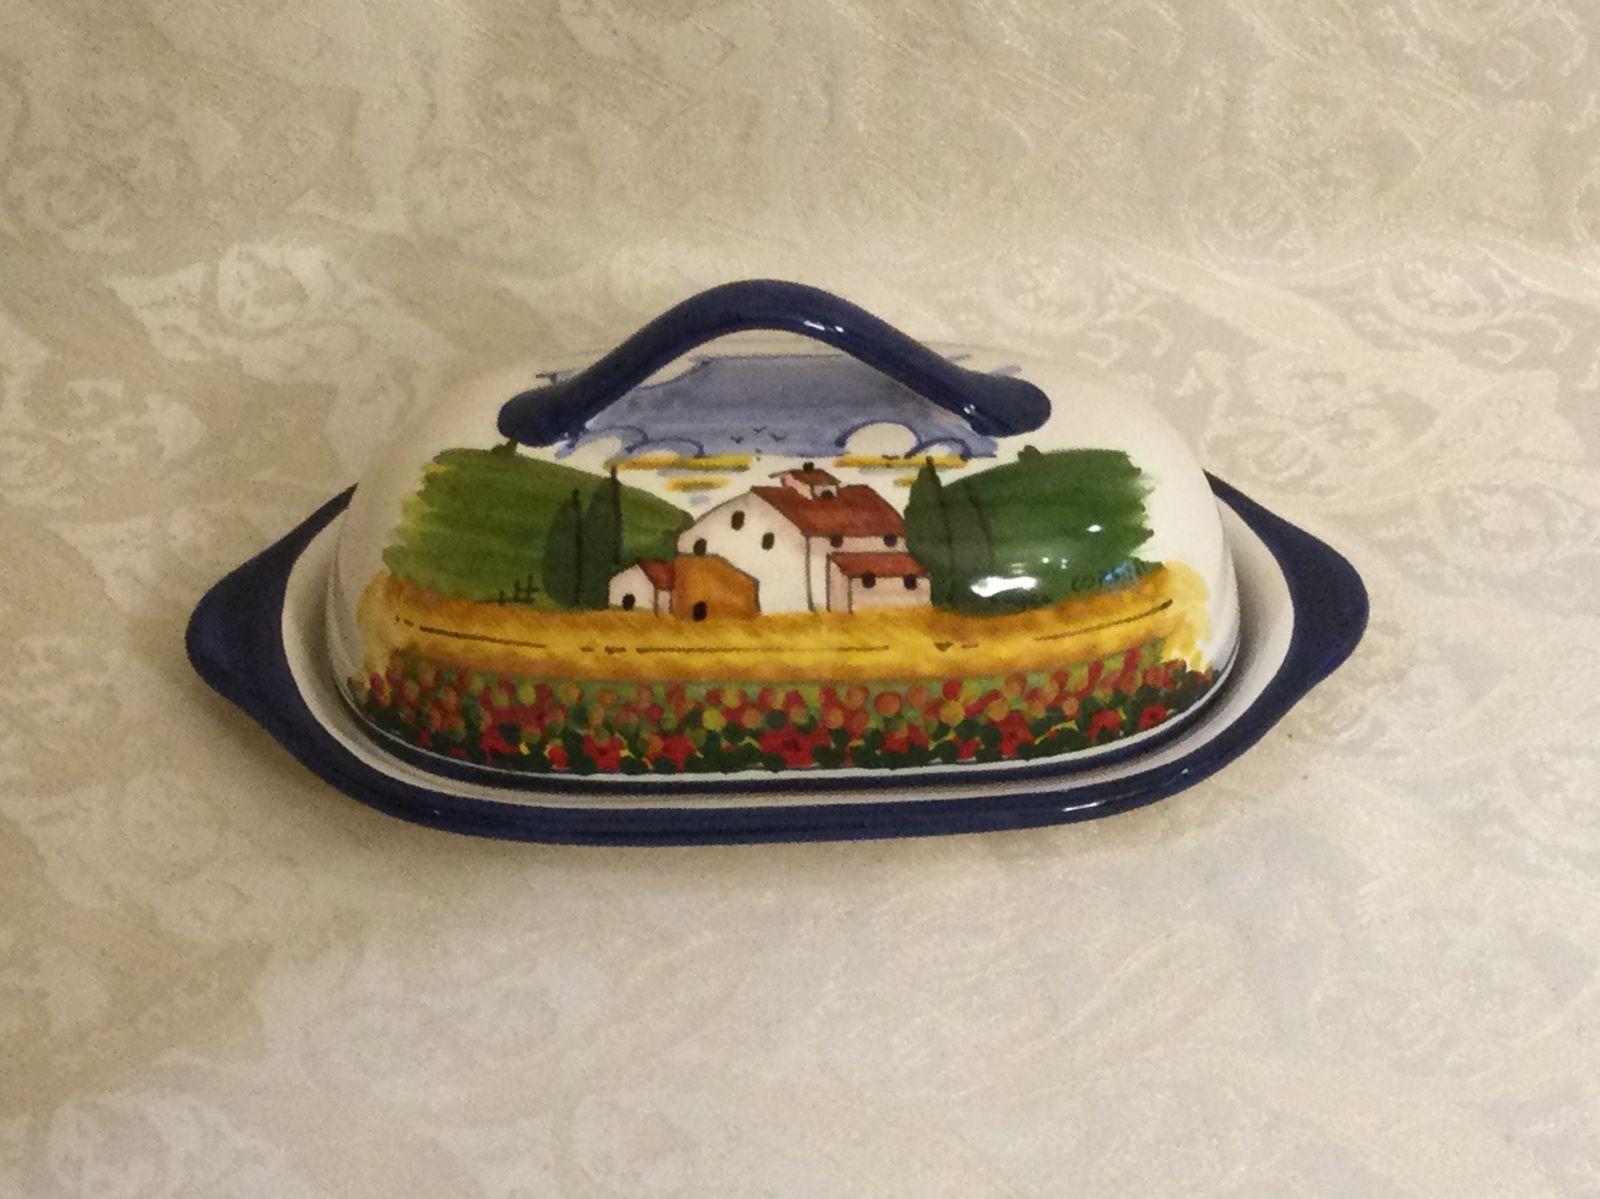 Portaburro ovale cm 22,5x12,5xh9 con paesaggio toscano con papaveri